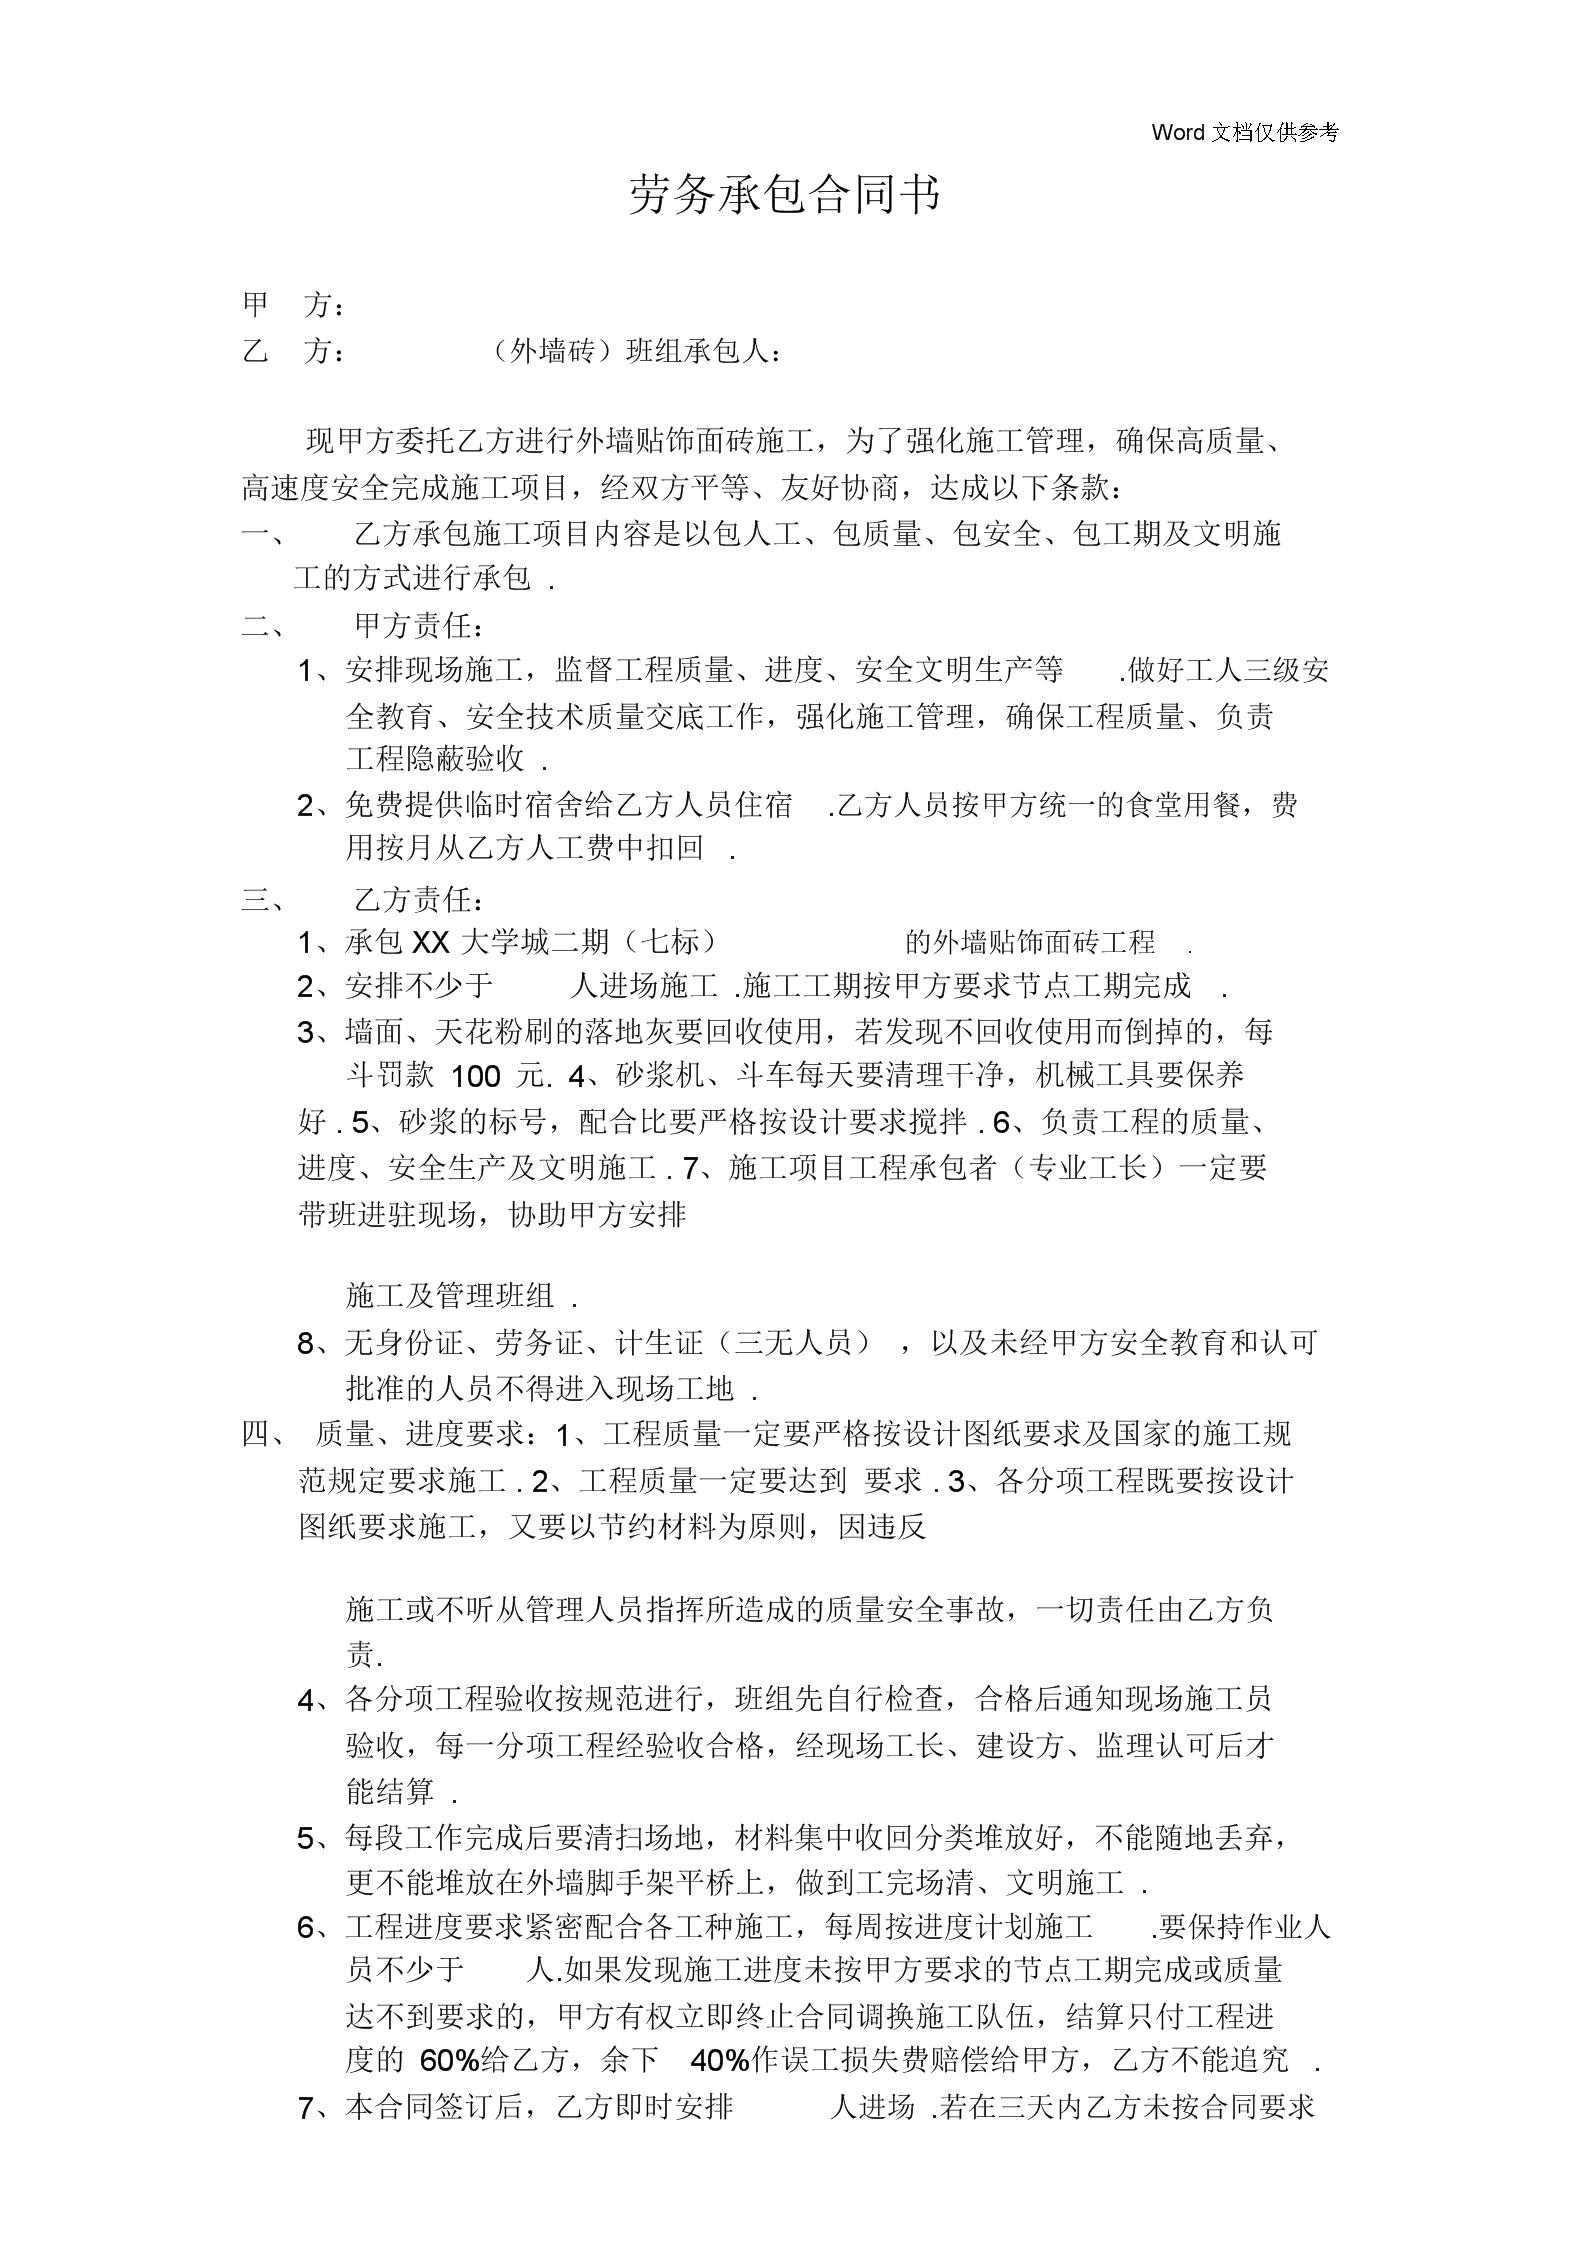 土木工程瓦工合同(范本)外墙贴面.doc